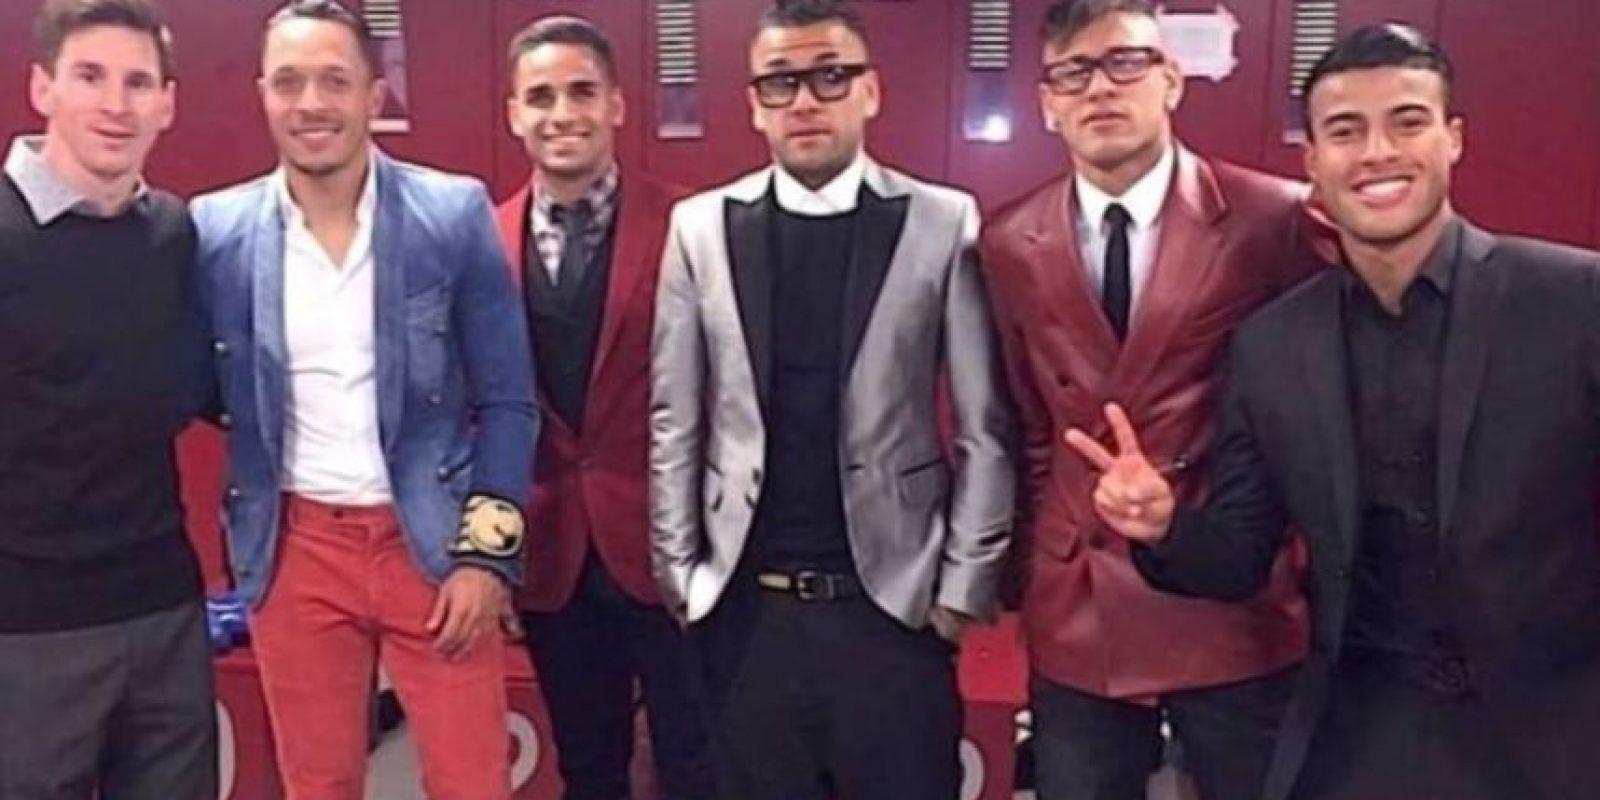 En 2015, Neymar compartió esta foto y Messi recibió burlas por su look tan formal. Foto:Instagram